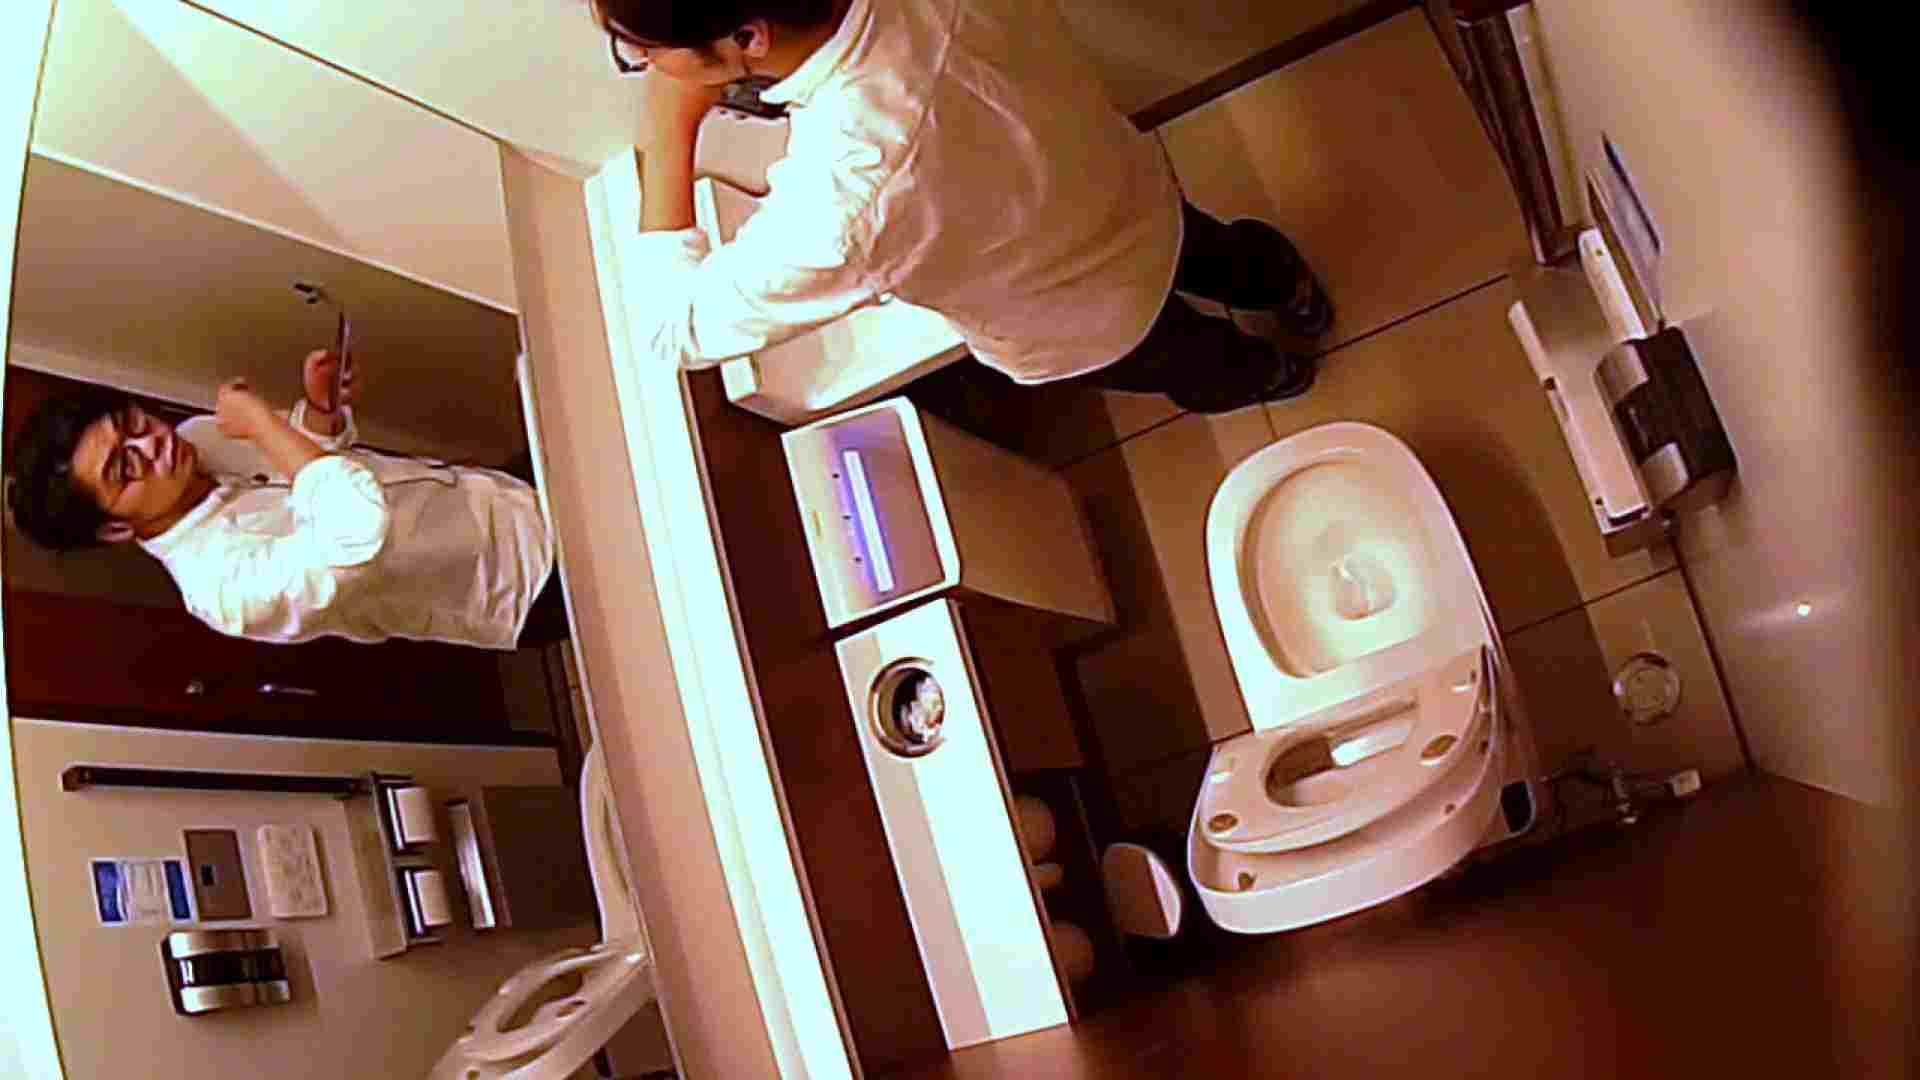 すみませんが覗かせてください Vol.32 トイレ | 0  61連発 13